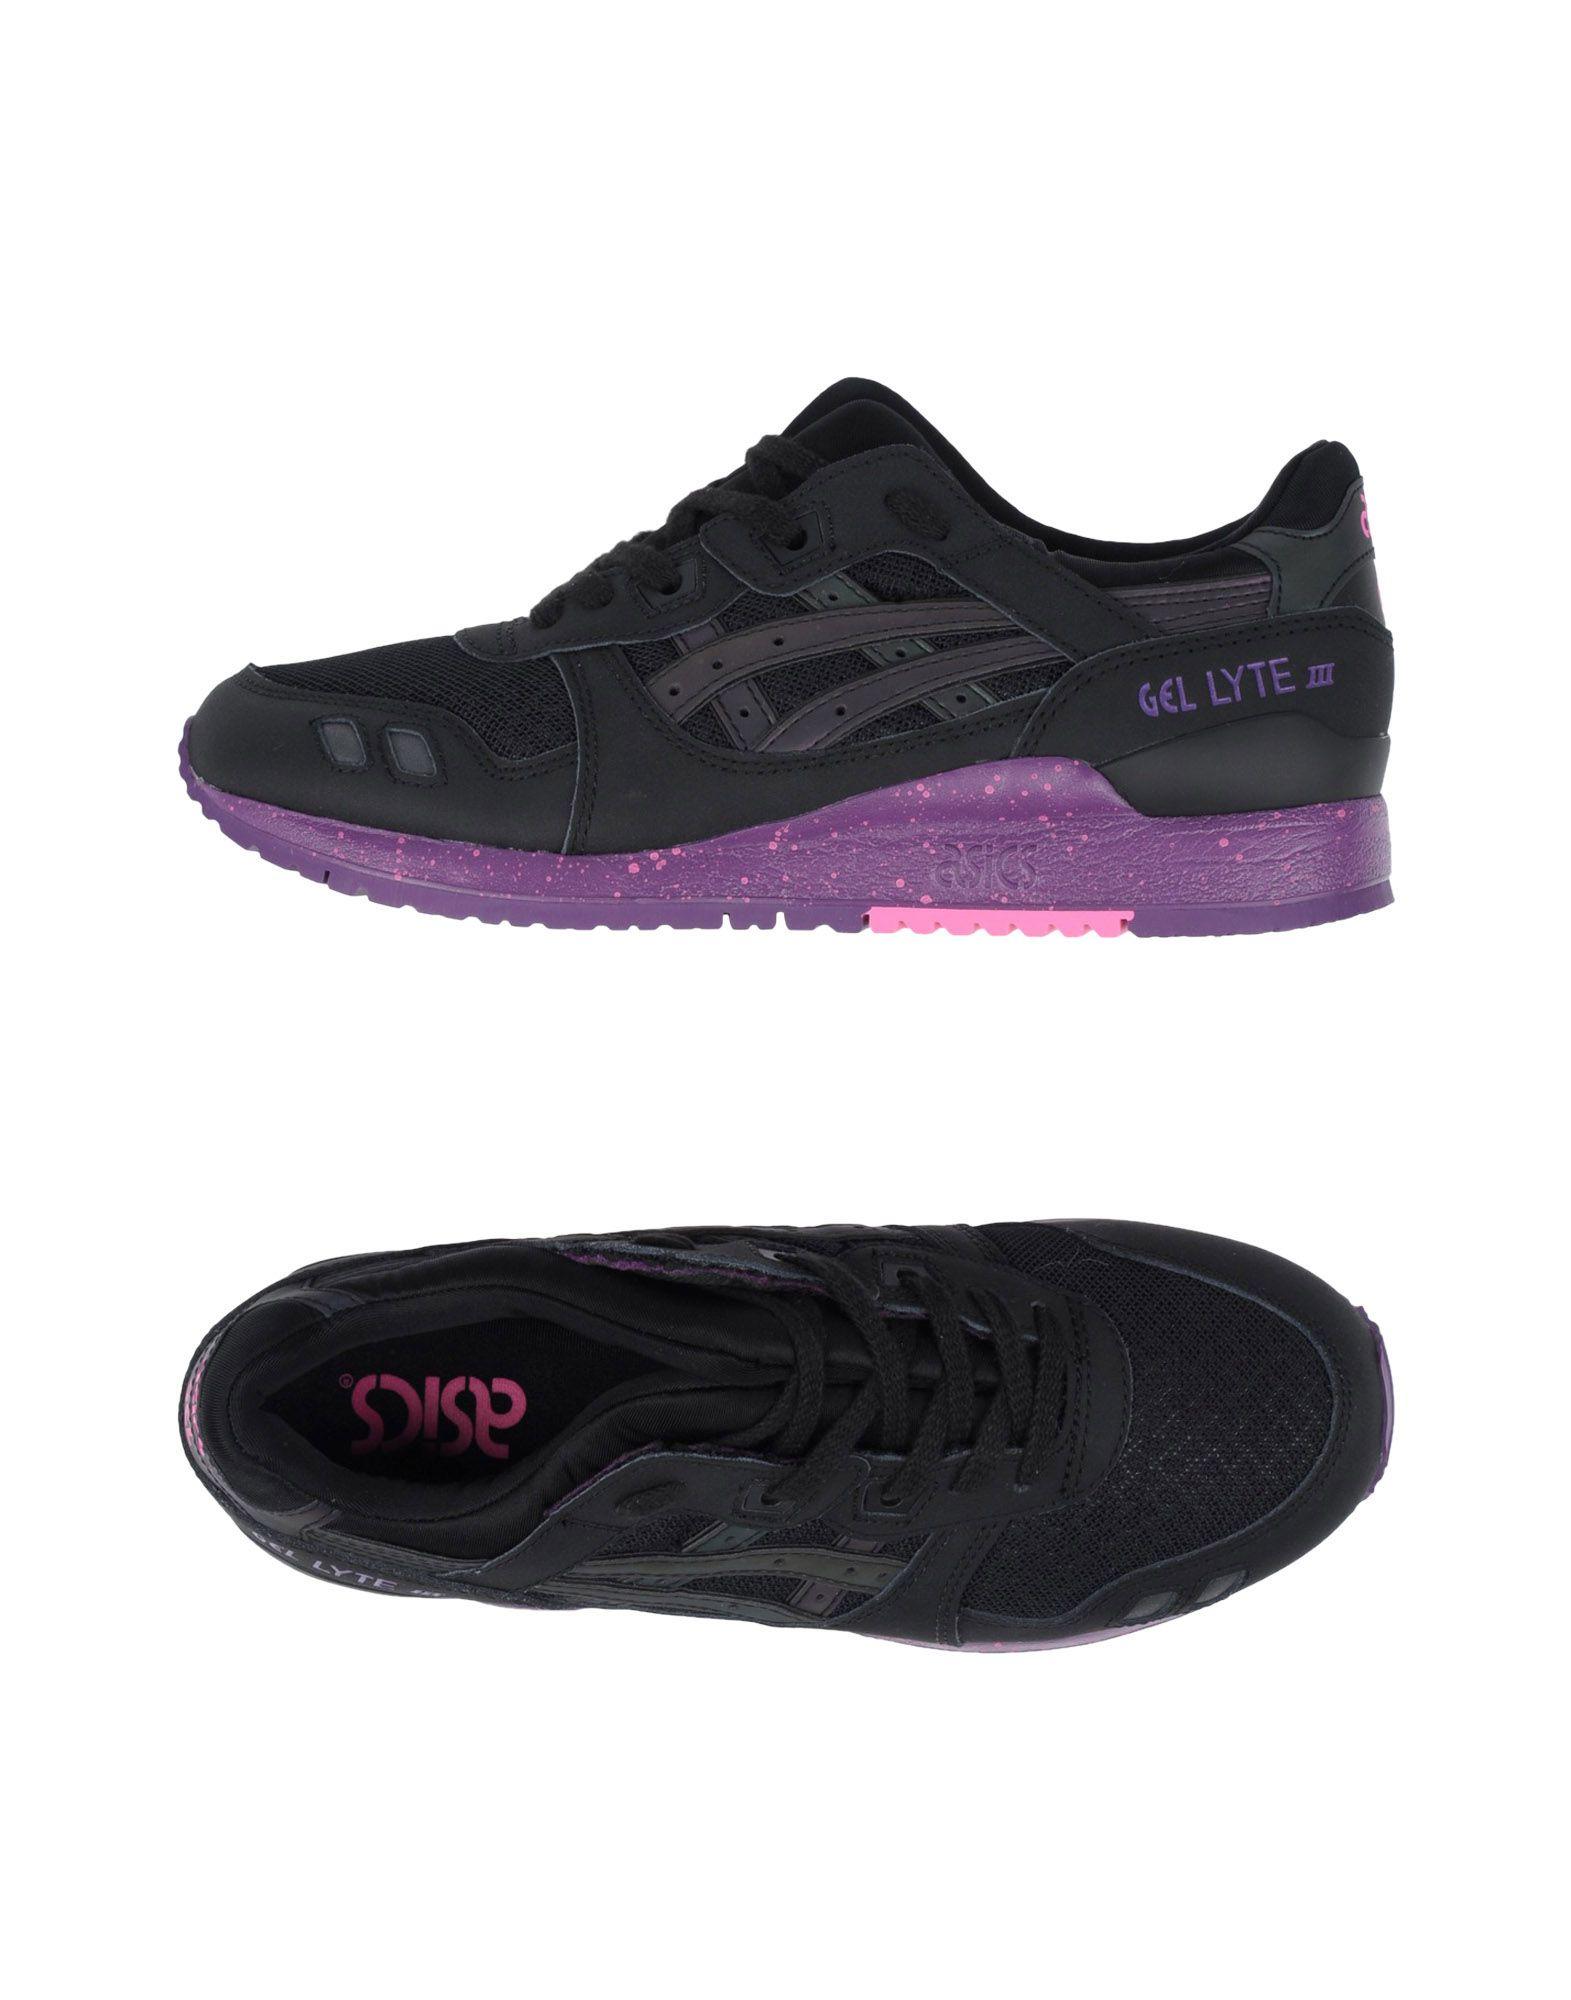 Asics Tiger Gel-Lyte Women Iii - Sneakers - Women Gel-Lyte Asics Tiger Sneakers online on  United Kingdom - 11148567QE caa935